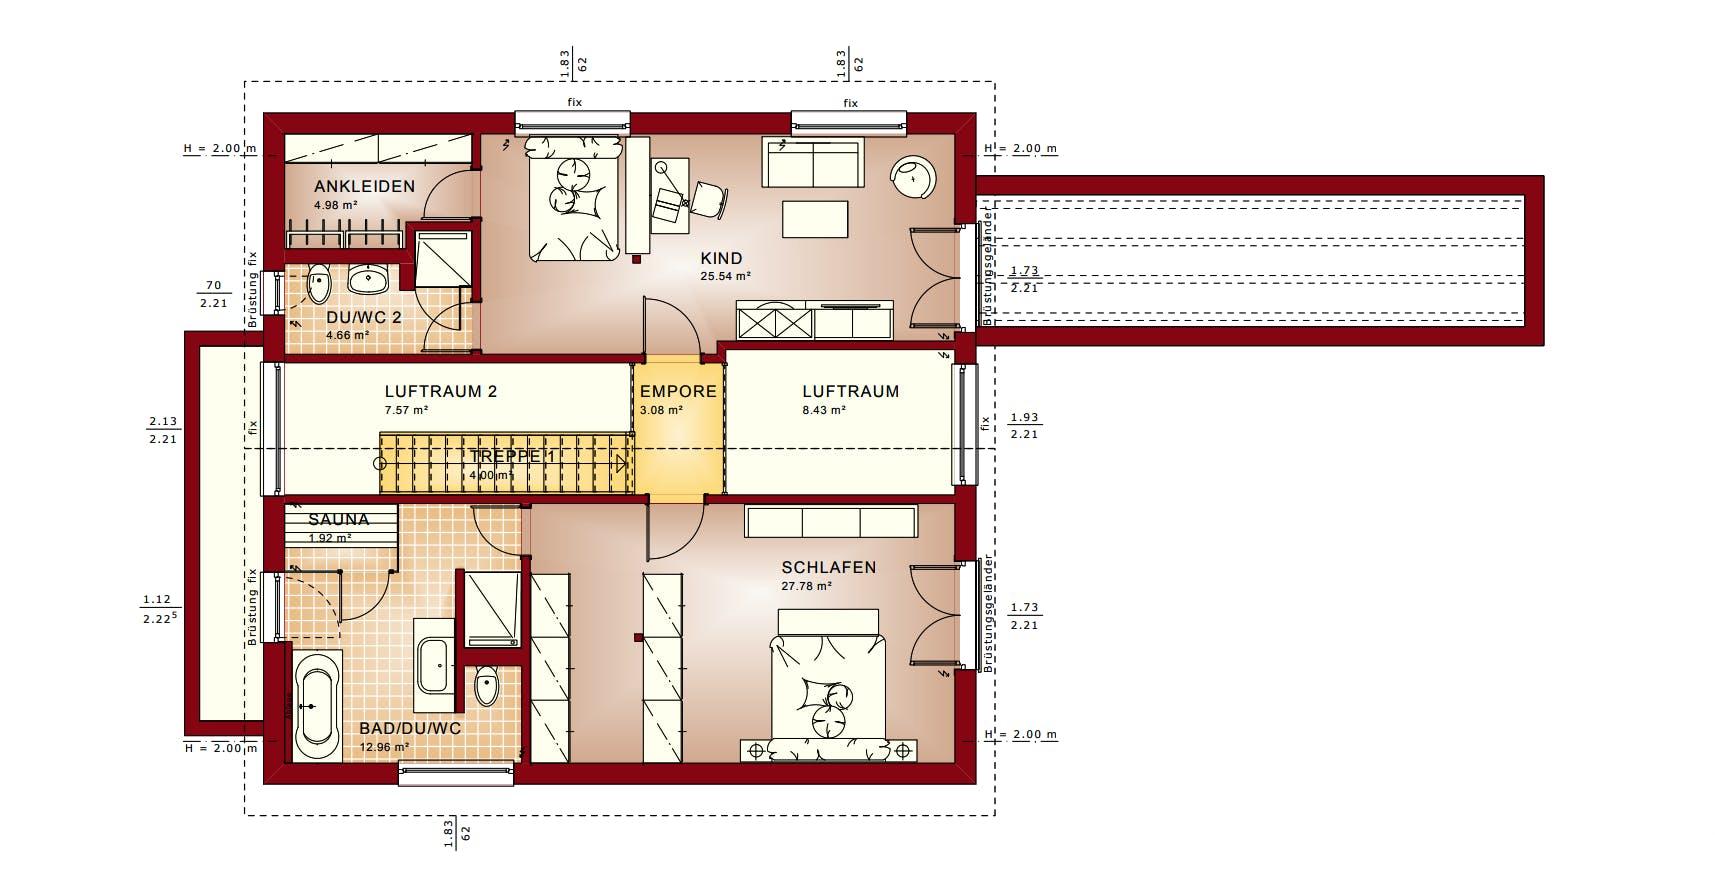 Grundriss vom Obergeschoss mit Galerie eines Bien-Zenker Hauses